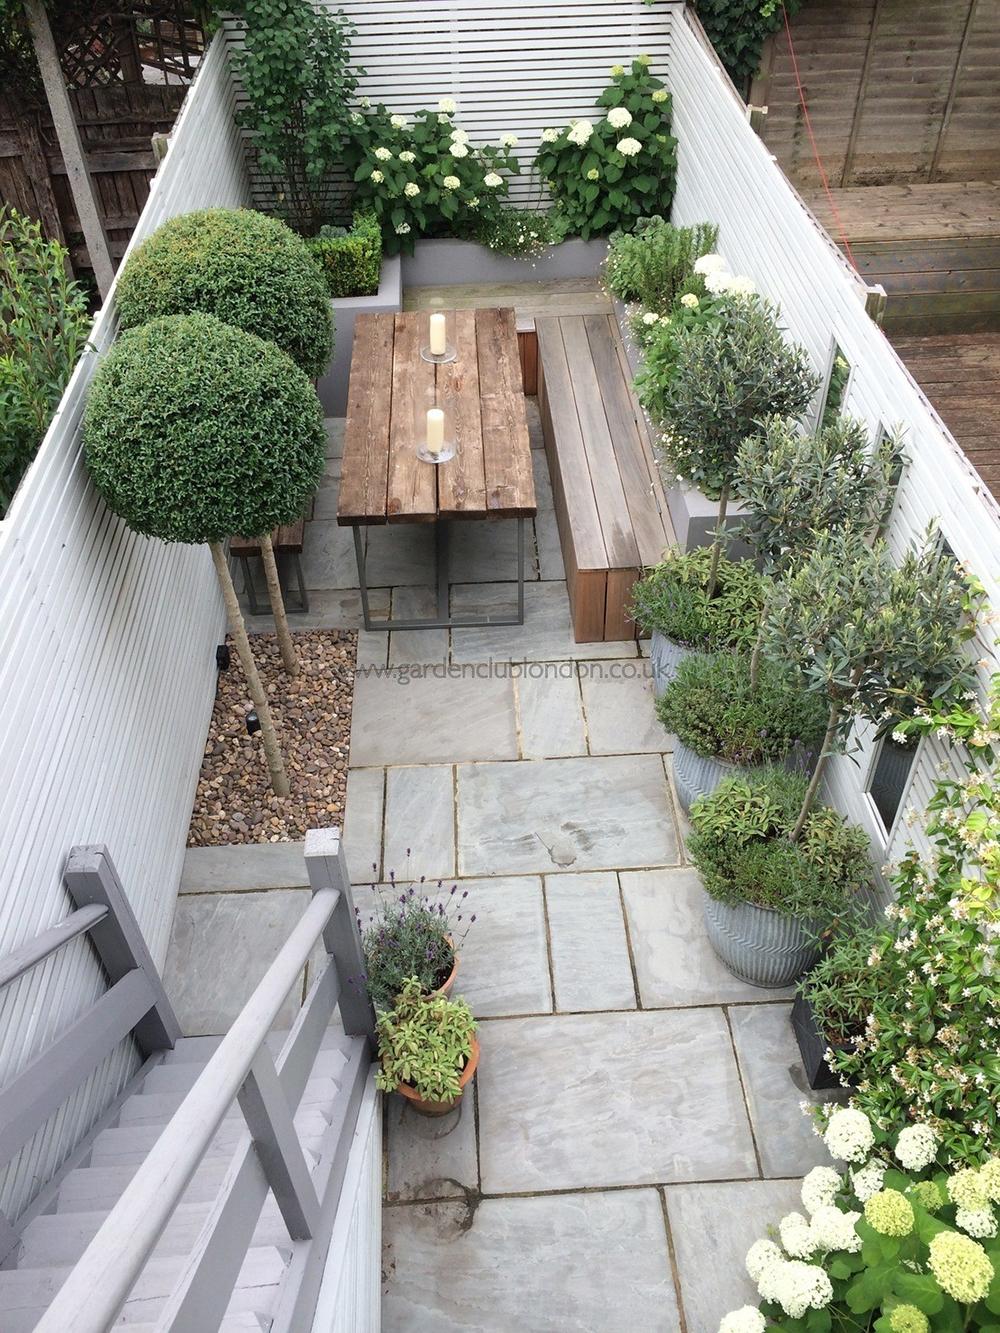 Traumhafte Ideen Wie Ihr Eure Kleine Terrasse Gestalten Konnt